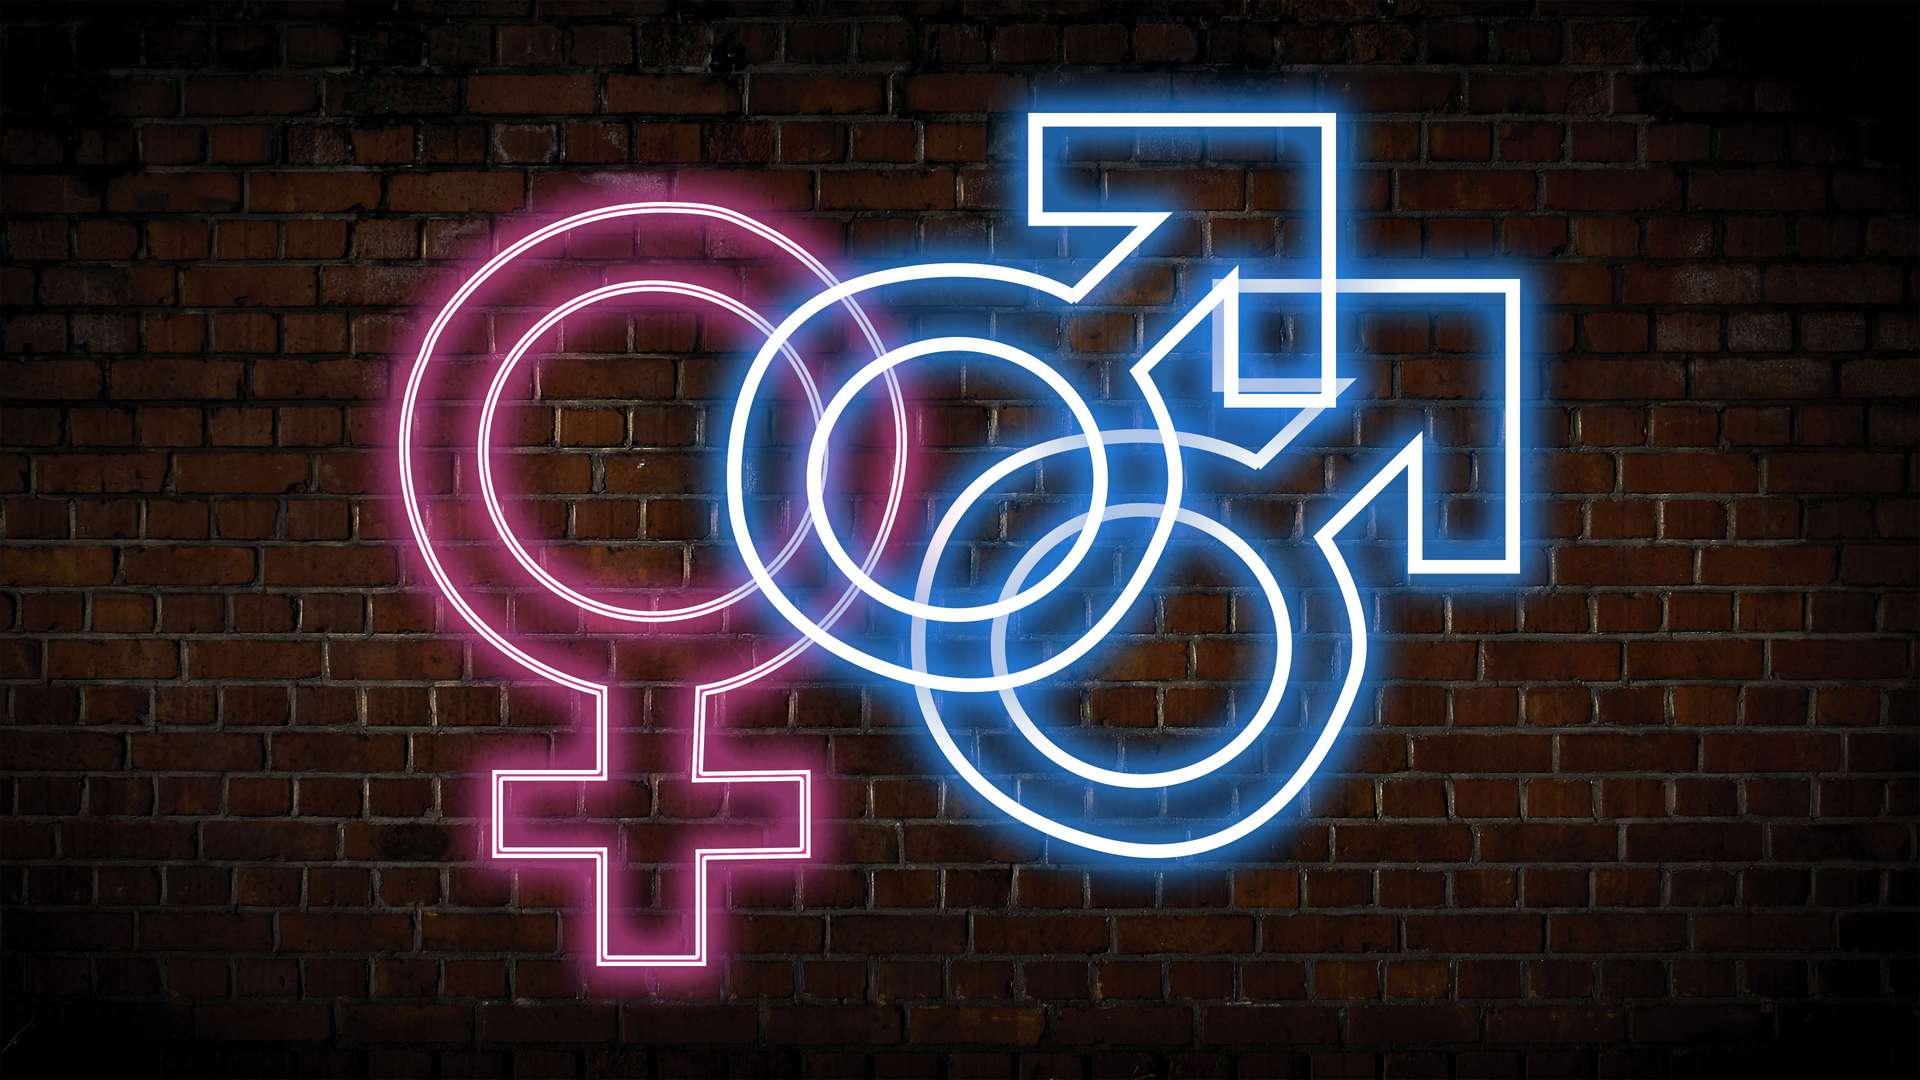 D'après une étude de l'Ined (Institut national d'études démographiques), datant de 2018, en France ce sont 0,9 % des femmes et 0,6 % des hommes qui se déclarent bisexuels. Bien qu'ils soient beaucoup plus à ressentir une attirance pour plusieurs sexes, tout en se définissant hétérosexuels ou homosexuels. © Annotee, Adobe Stock